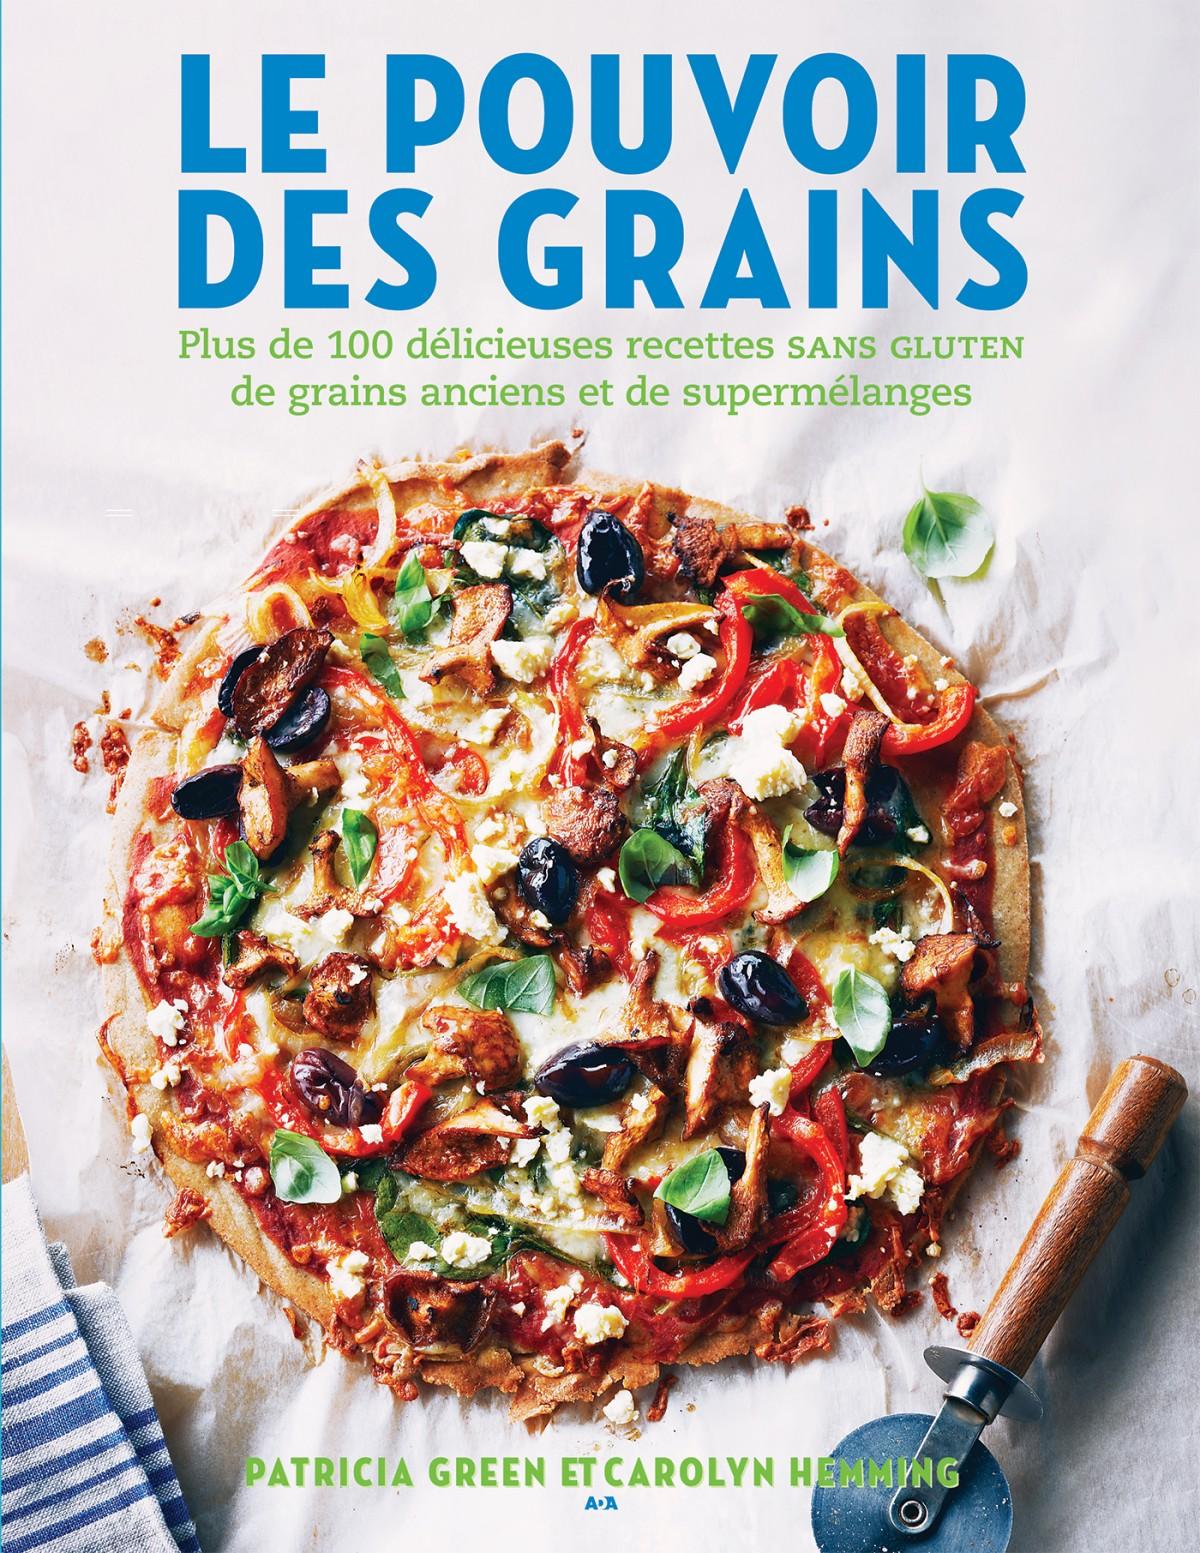 Le pouvoir des grains